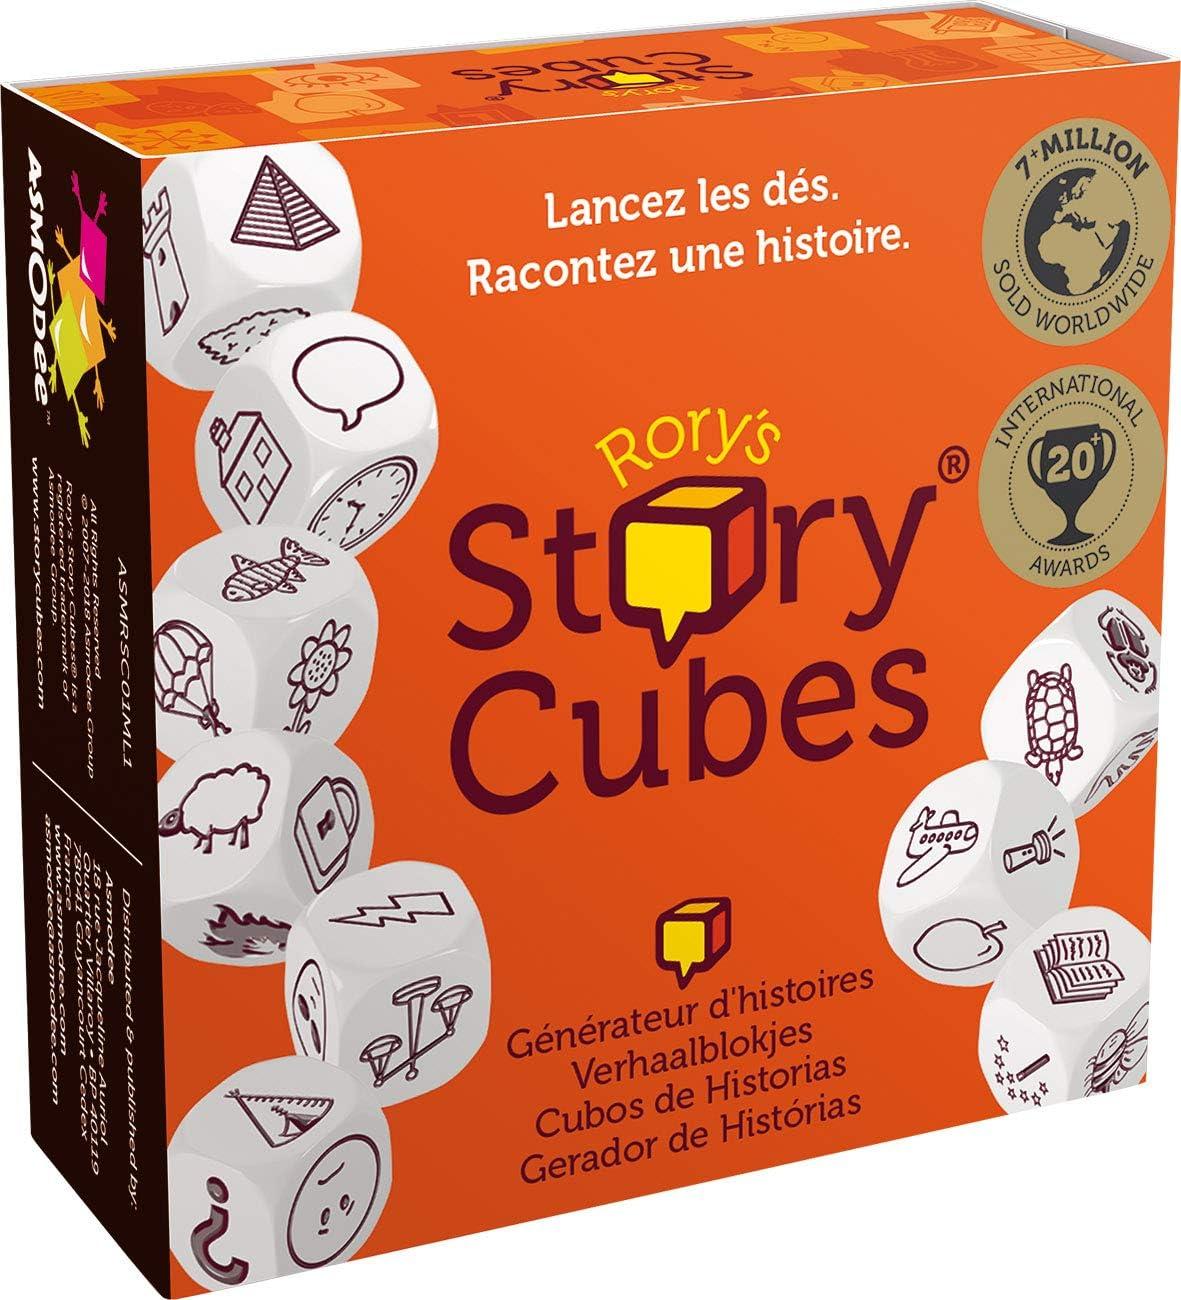 Los míticos cubos para crear historias